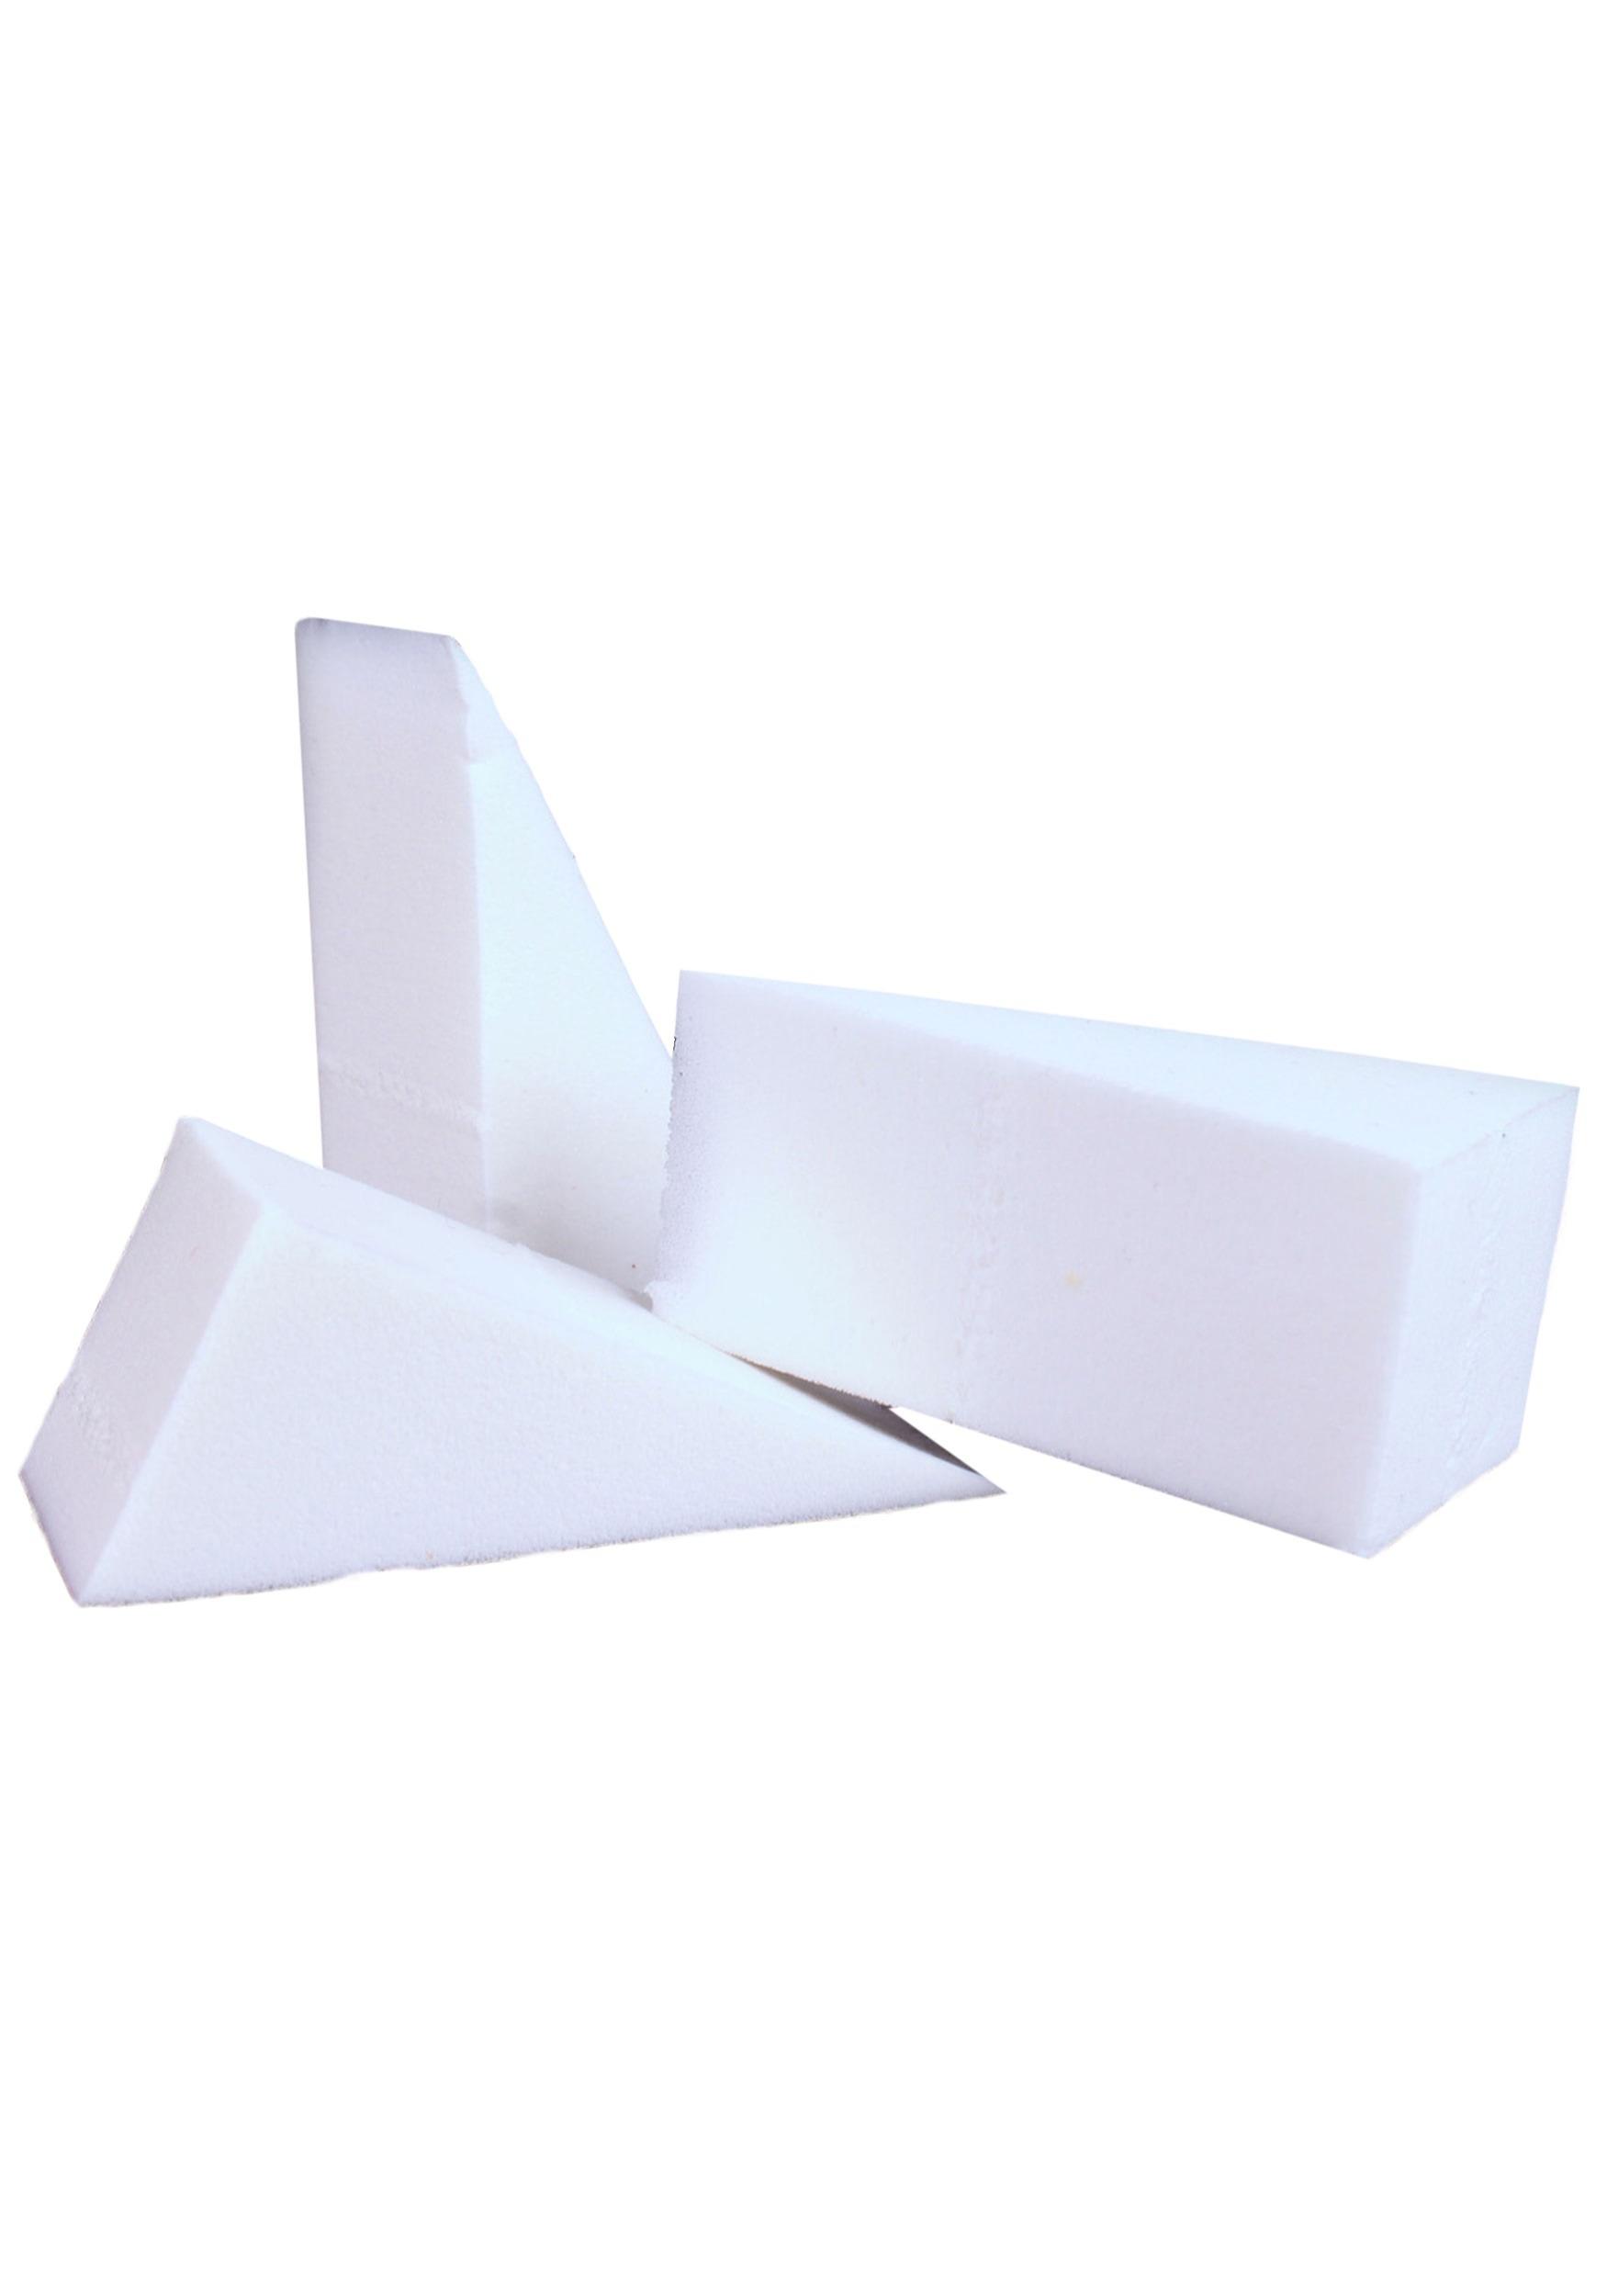 Mehron Triangular Foam Non Latex Sponge 6 pack